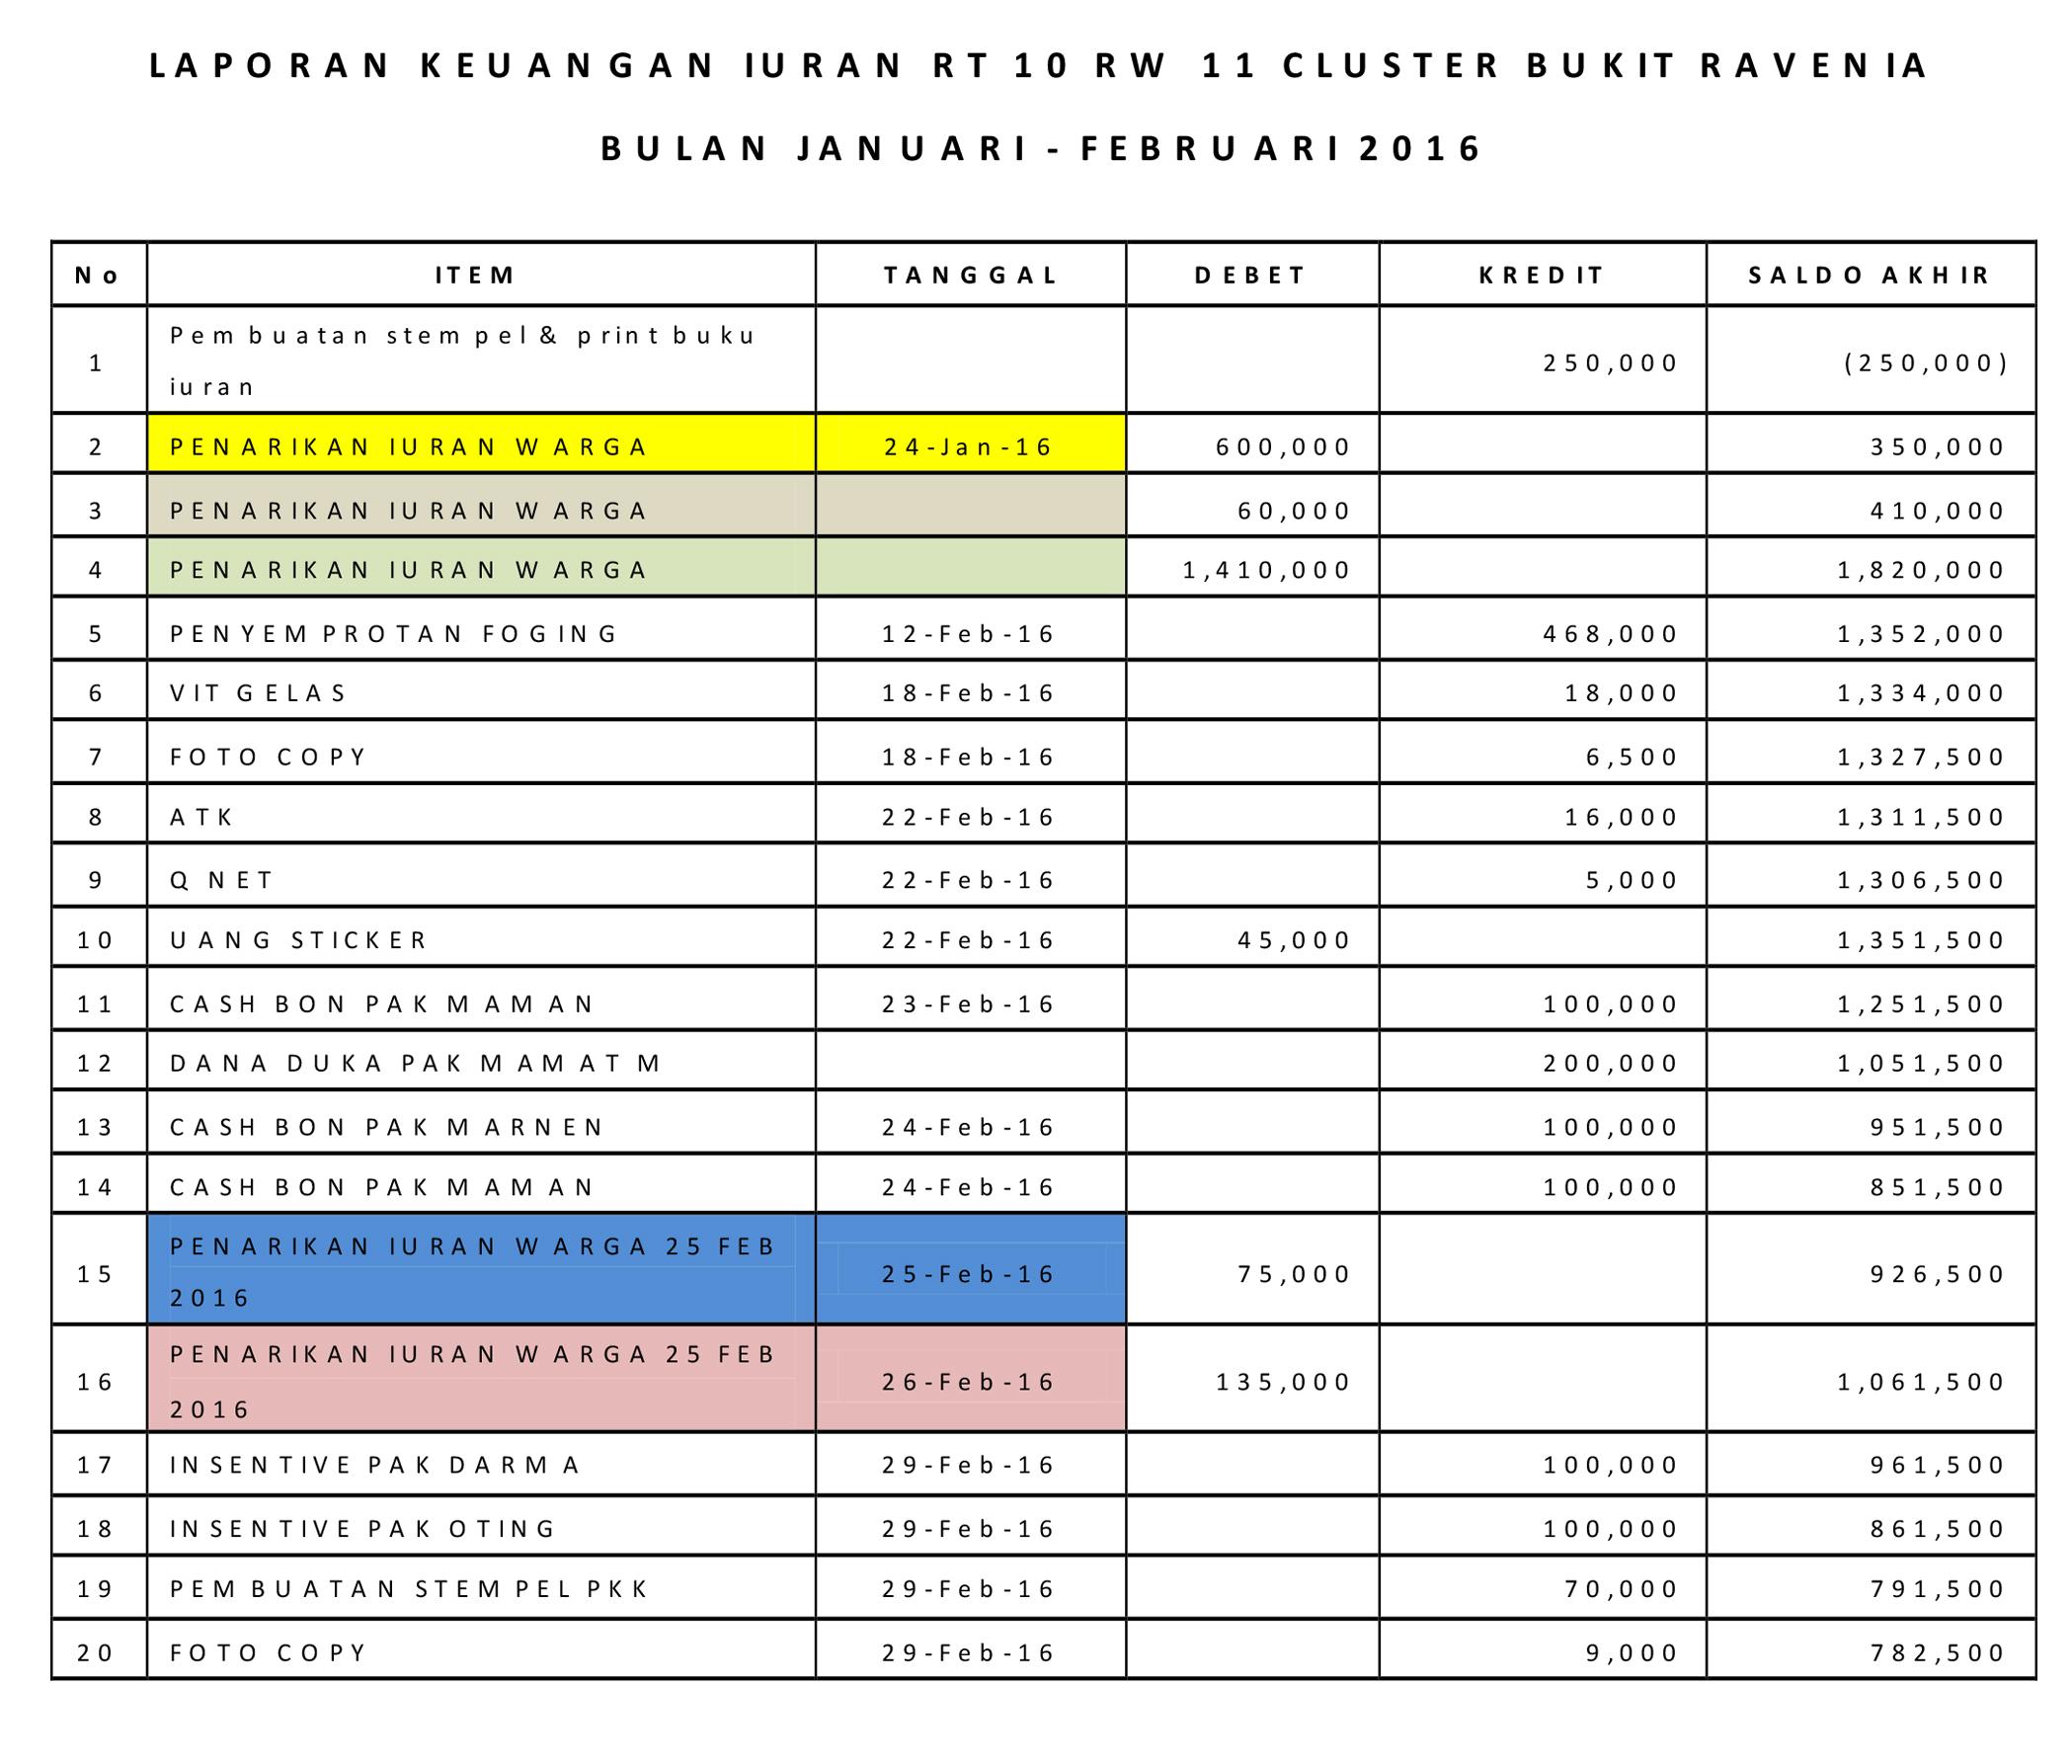 Laporan Keuangan Rt 10 Bulan Jan Feb Cluster